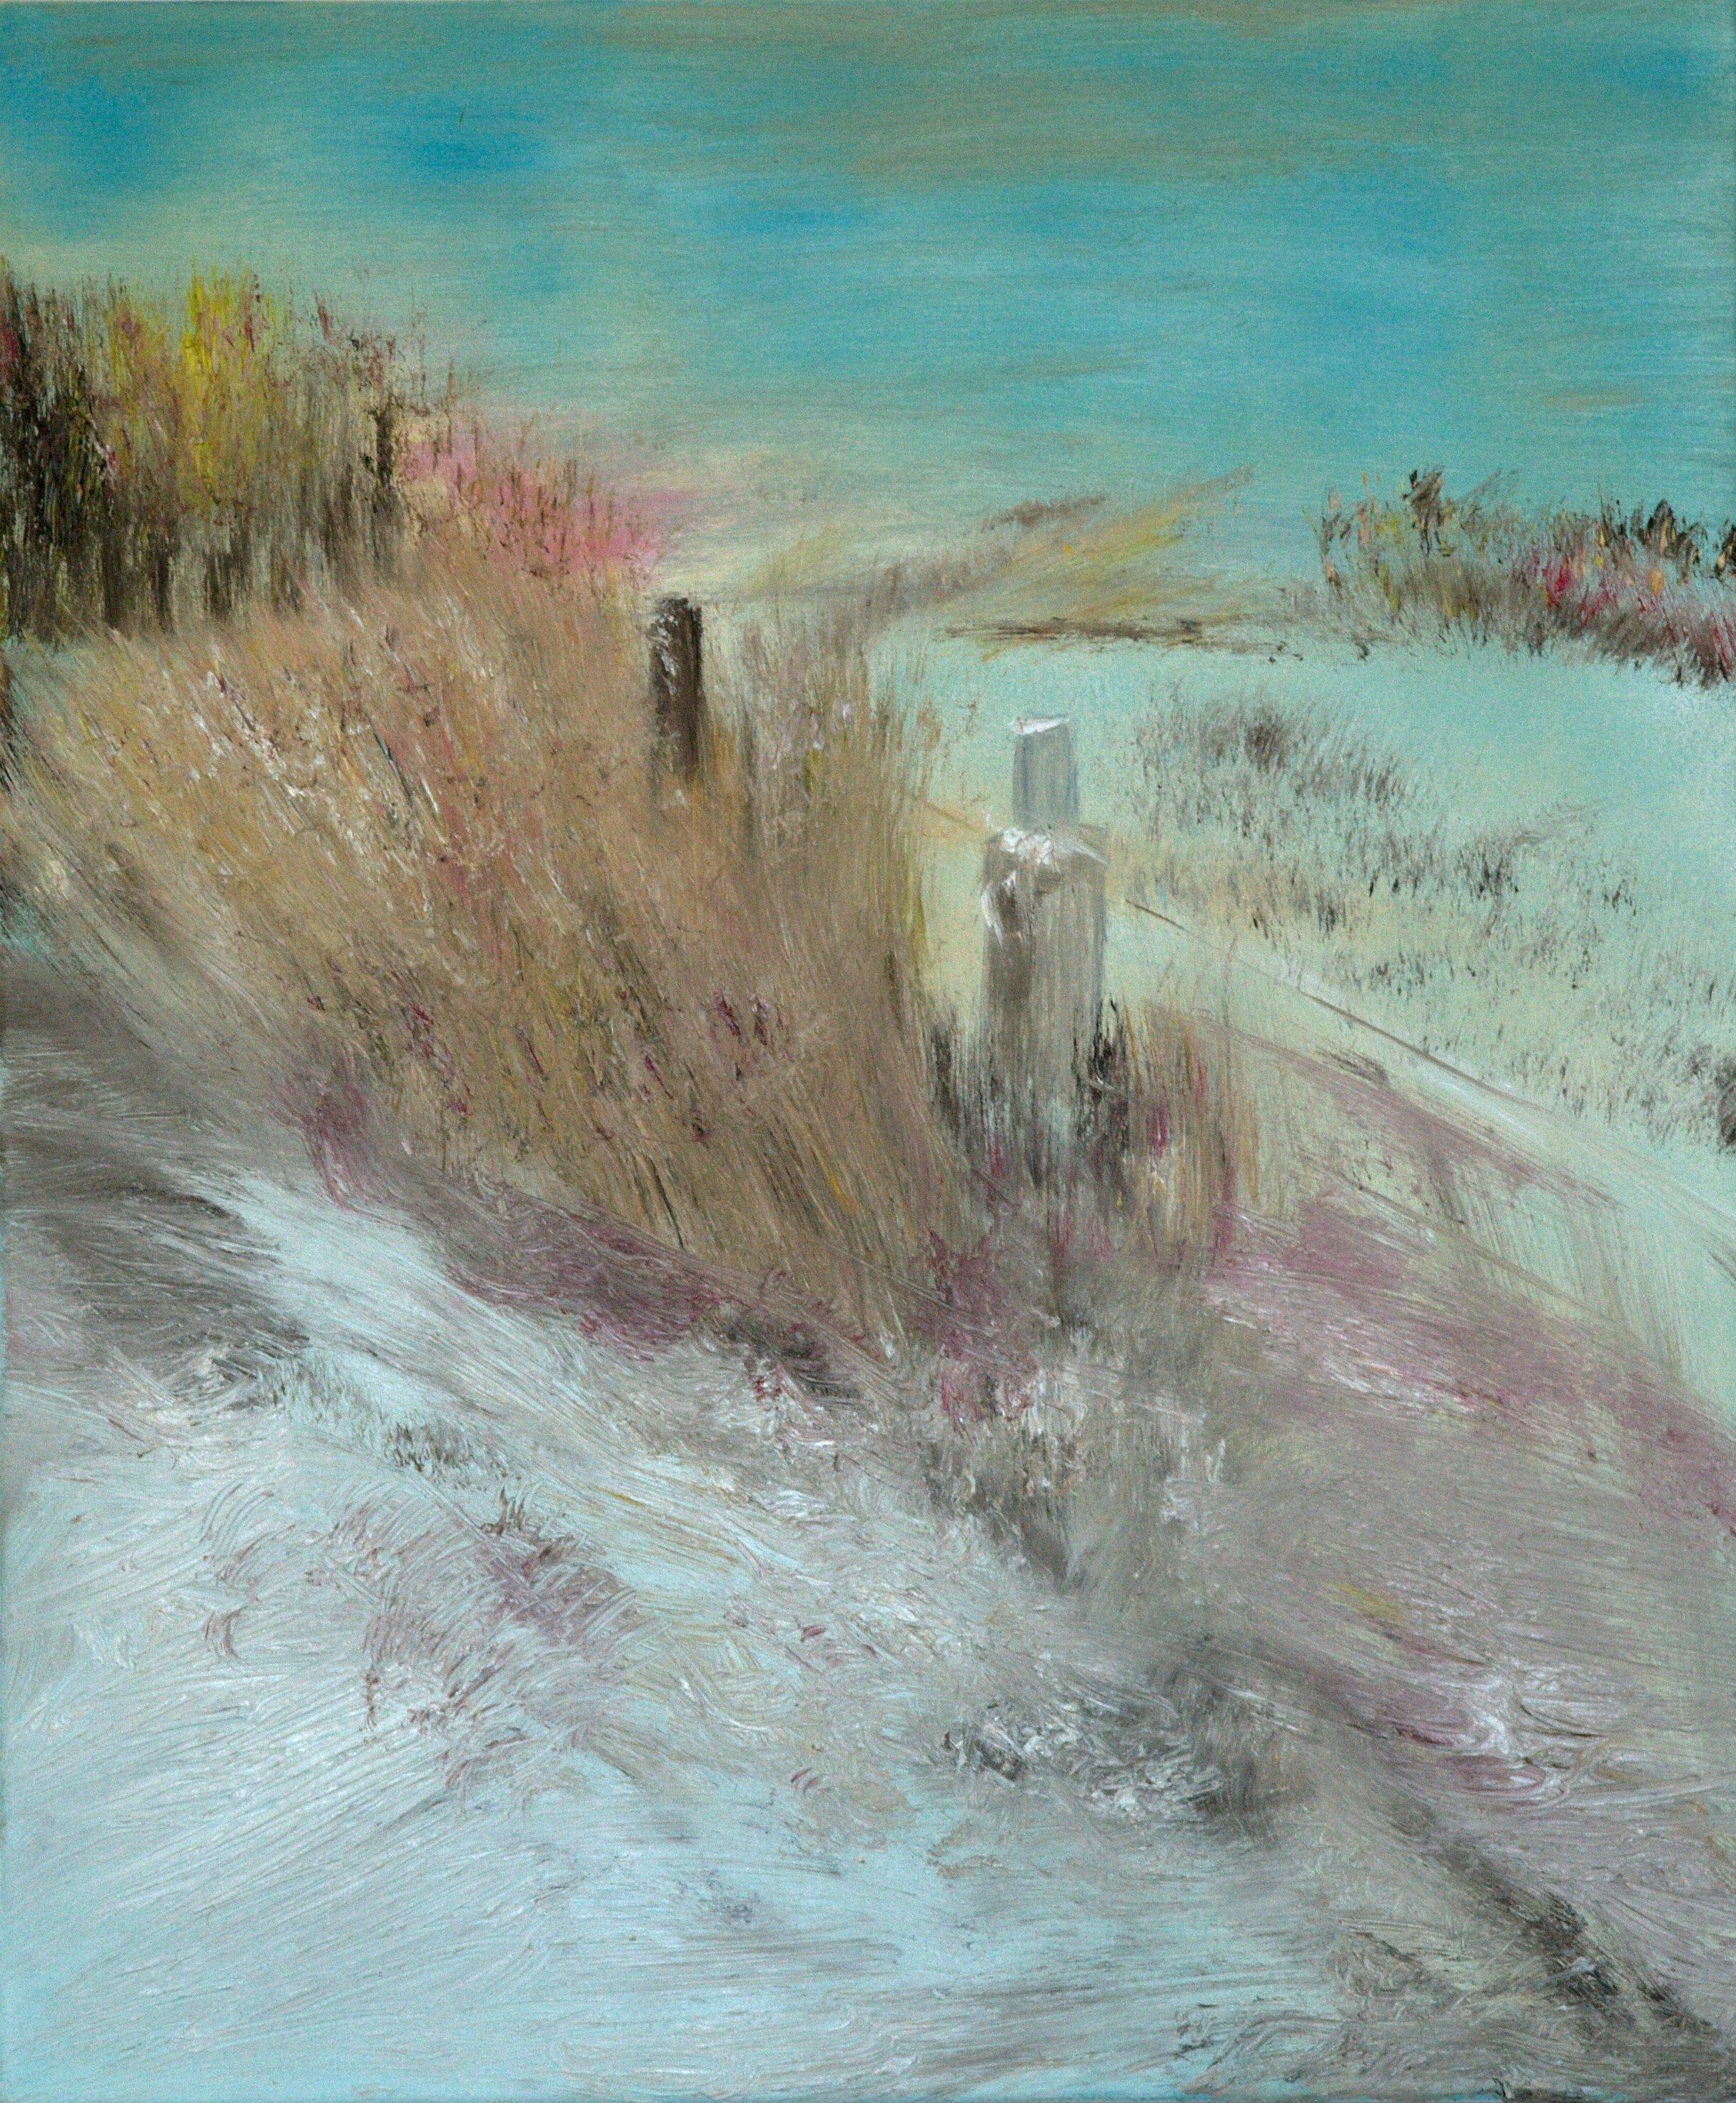 Marij Aarntzen, Winterlandschap, olie op doek, 50 x 60 cm, 2012